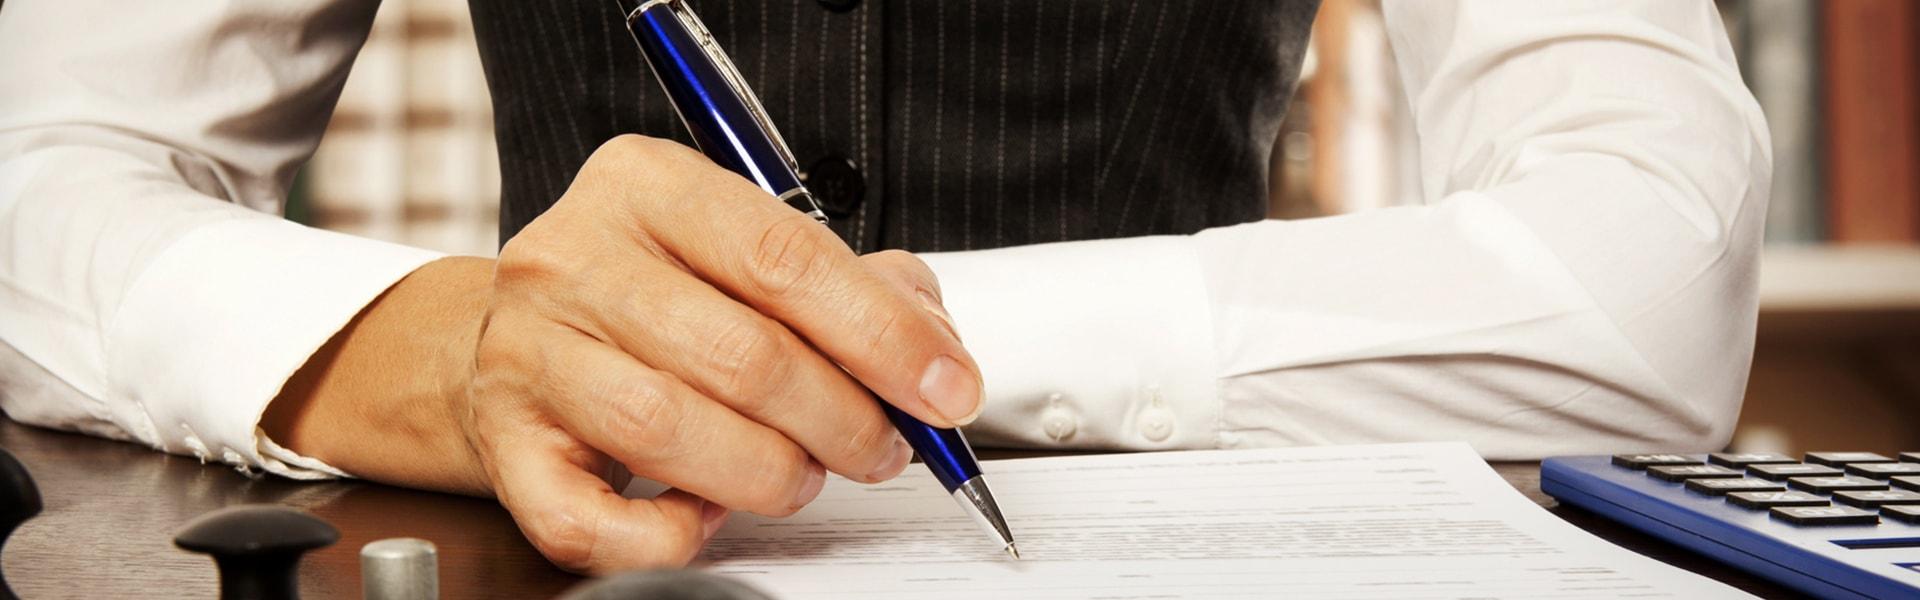 Zajmujemy się obsługą prawną przedsiębiorstw